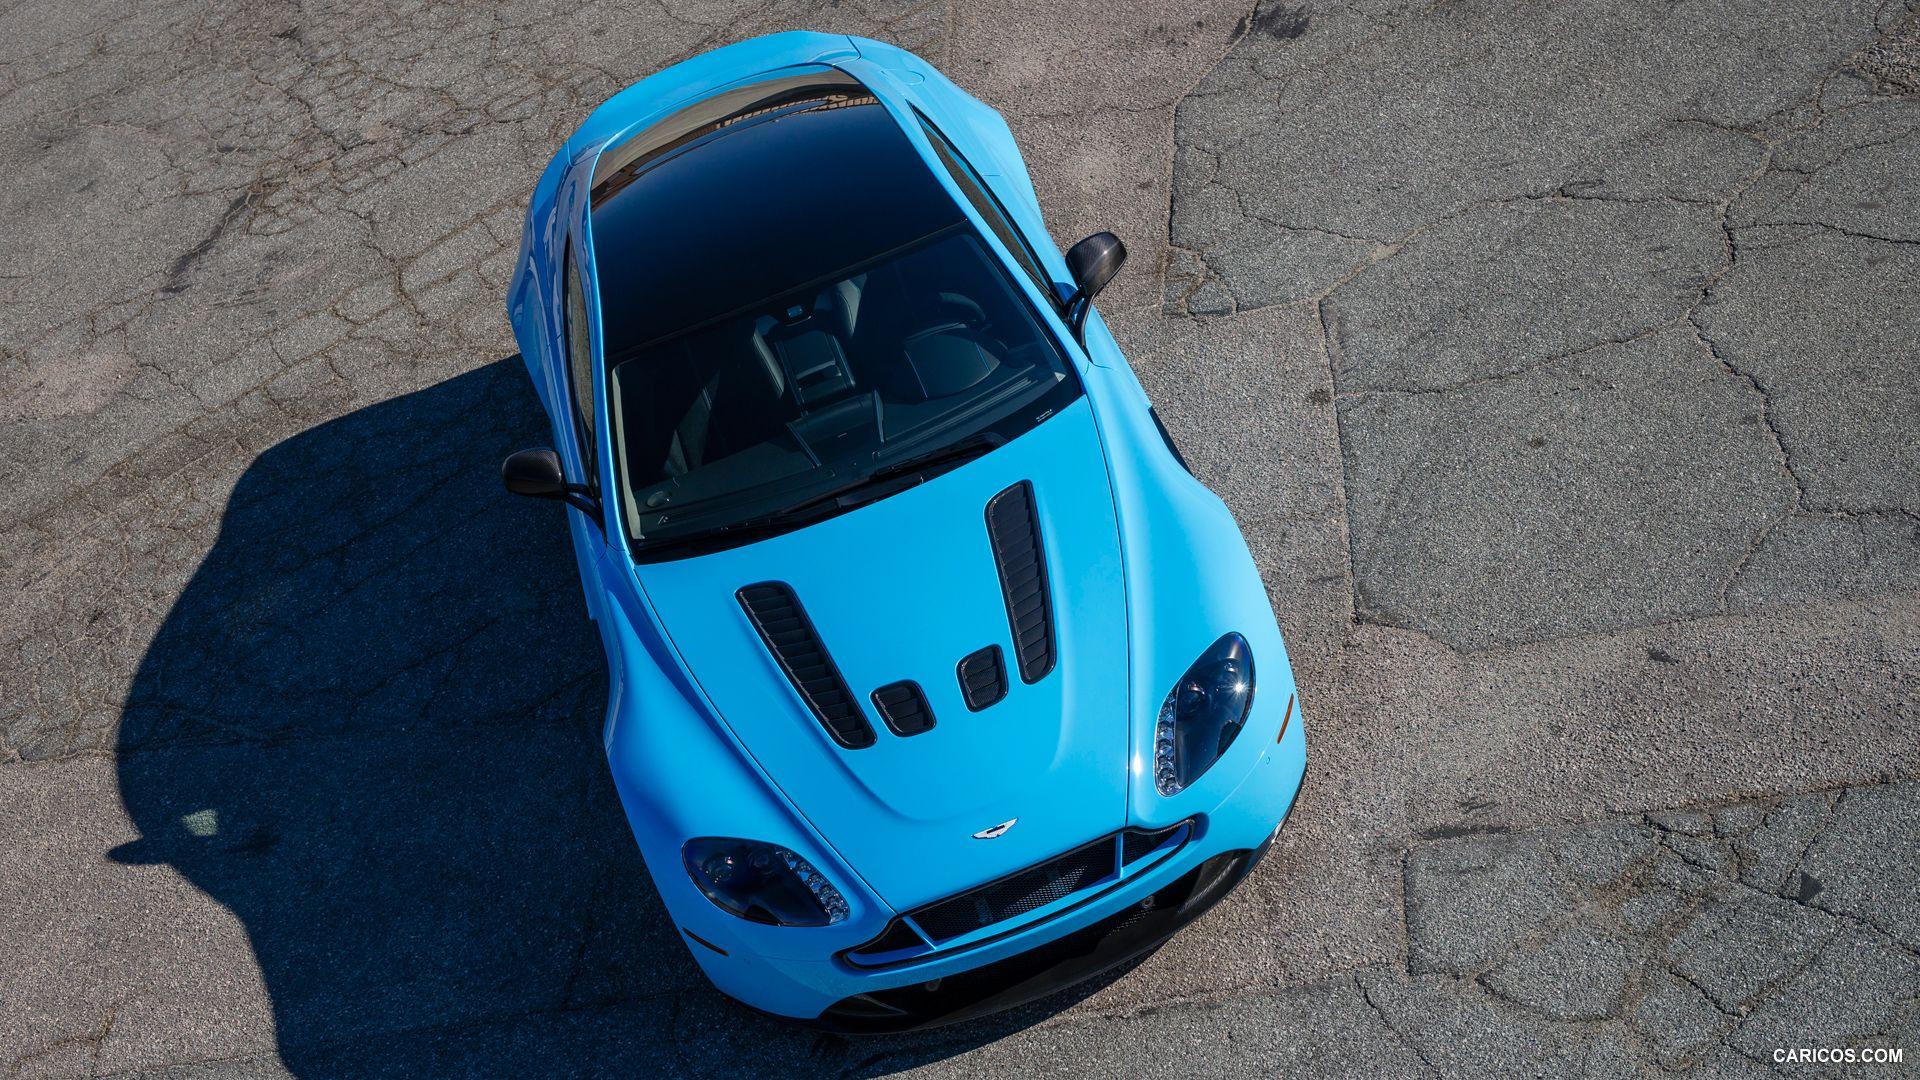 Aston Martin V12 Vantage S In Flugplatz Blue Aston Martin V12 Aston Martin V12 Vantage Aston Martin